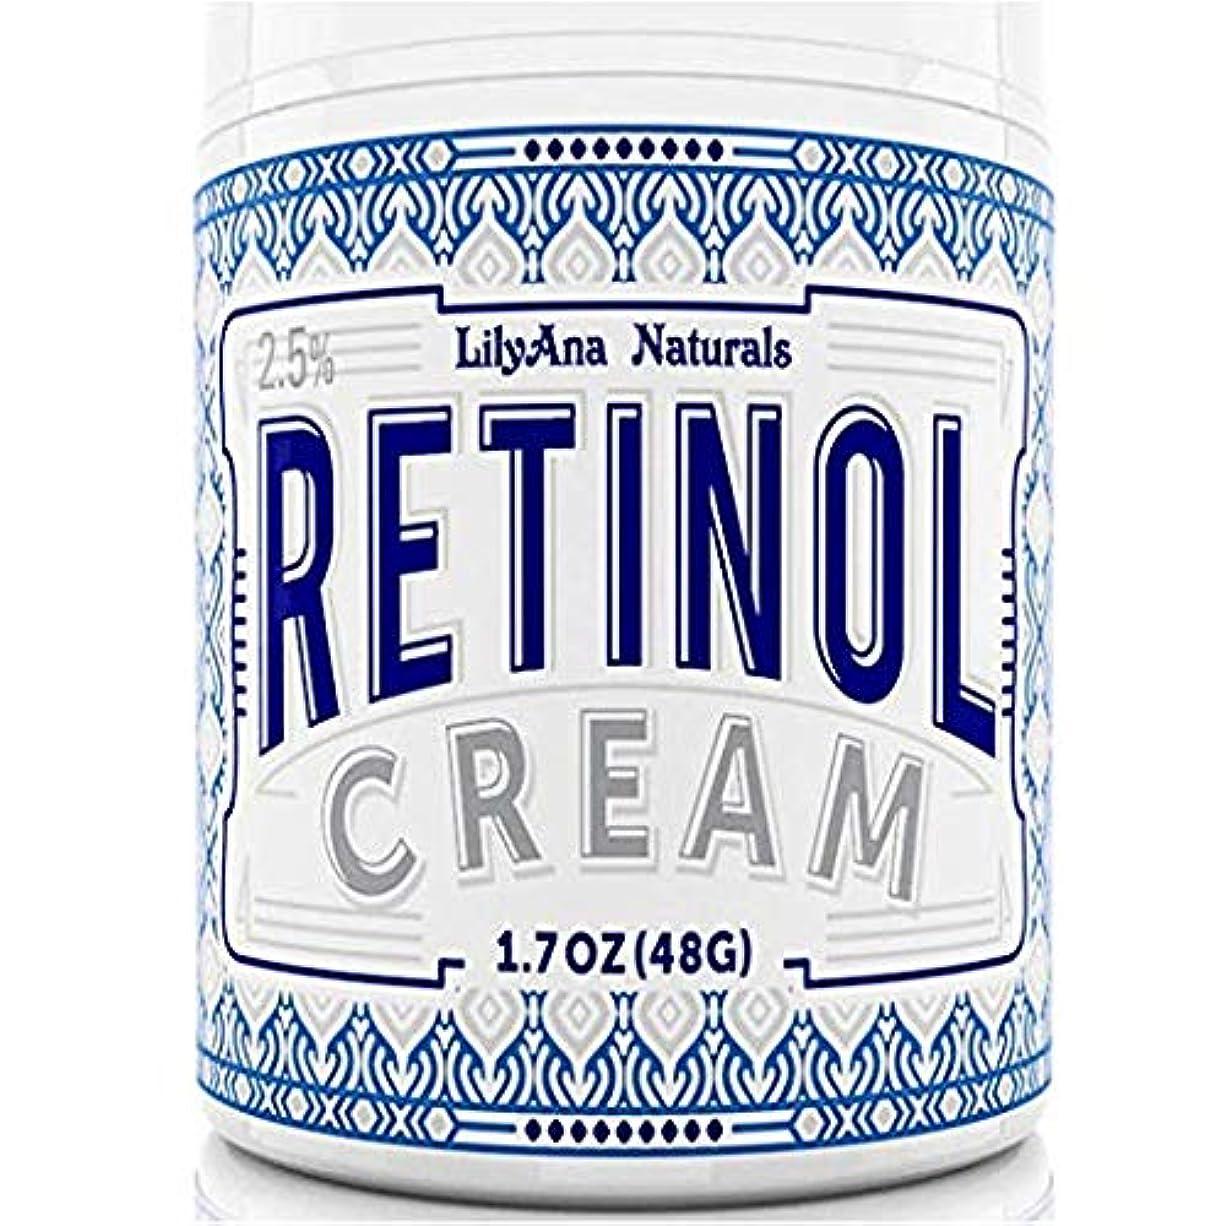 パンサー休戦治安判事LilyAna 社 の レチノール モイスチャー クリーム LilyAna Naturals Retinol Cream Moisturizer 1.7 Oz